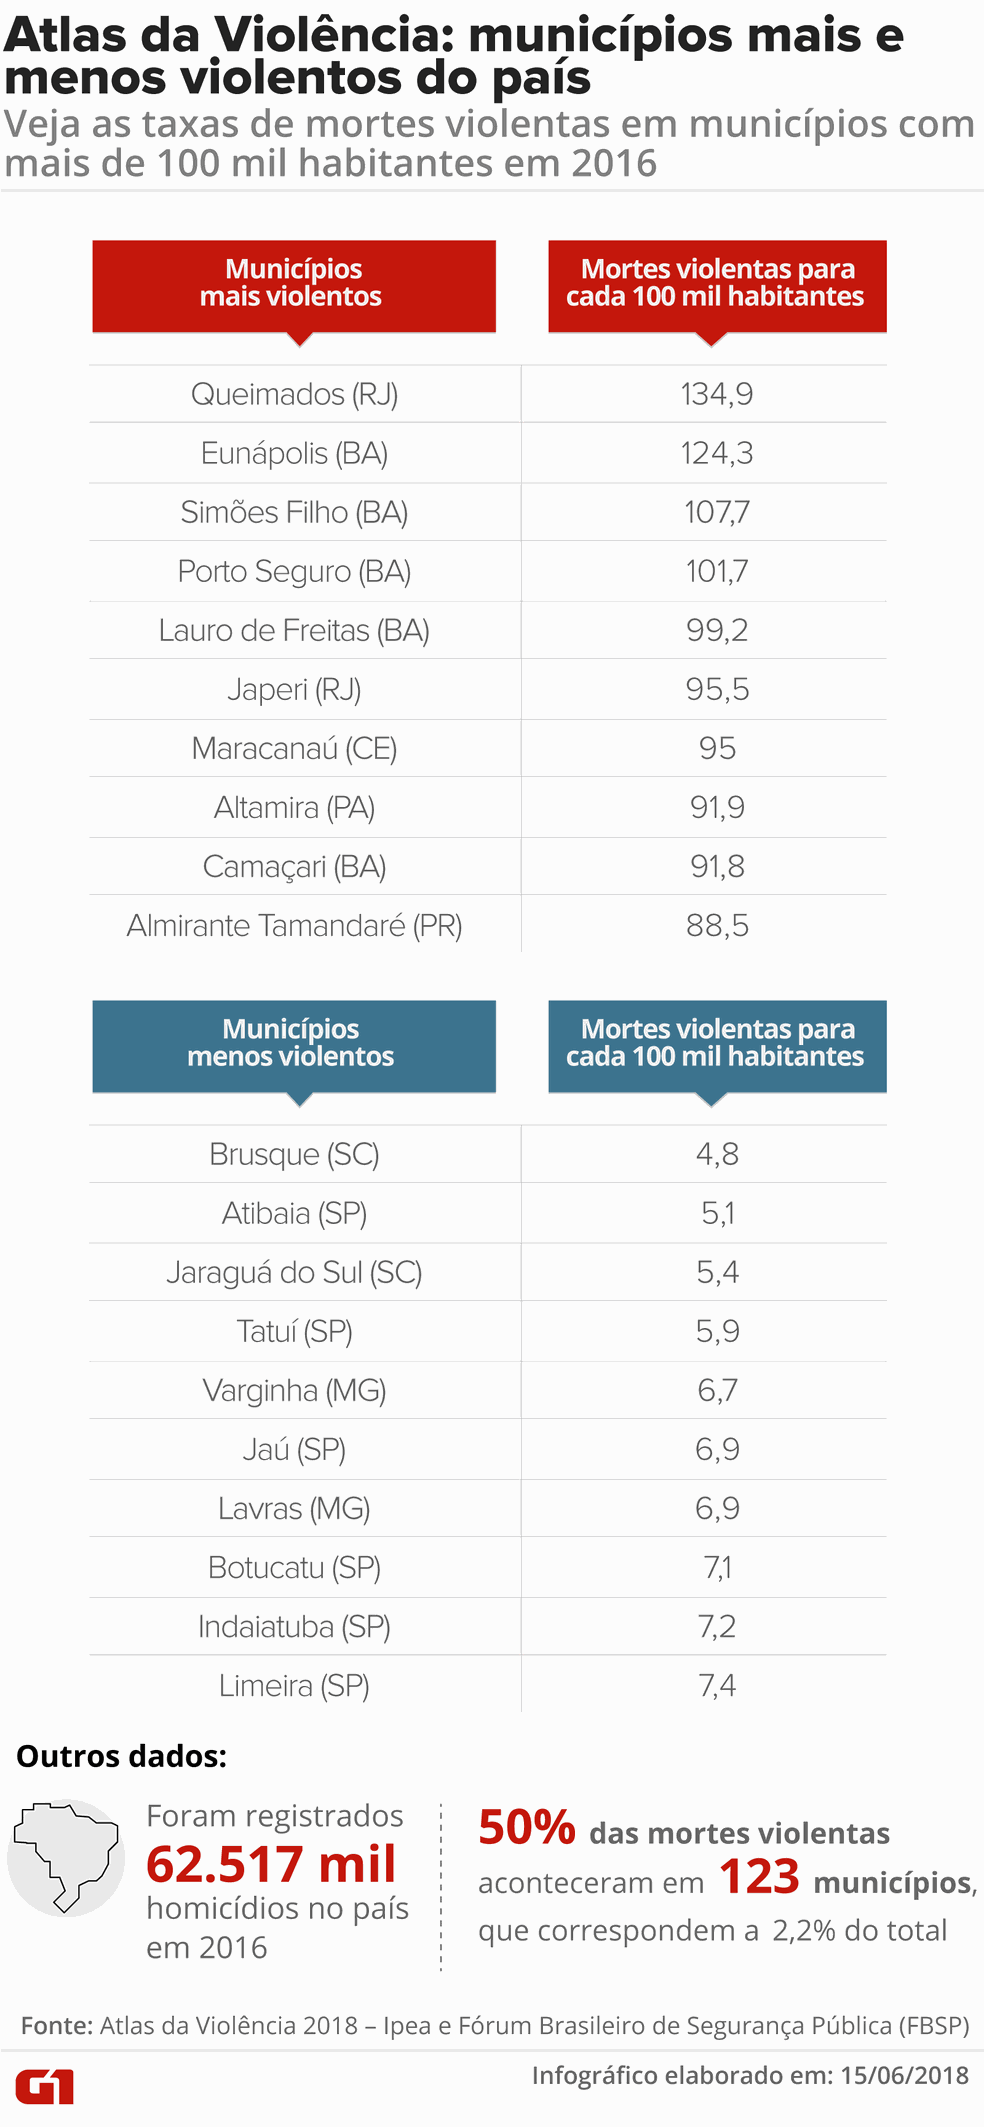 Atlas da Violência 2018: municípios mais e menos violentos do país (Foto: Claudia Ferreira / G1)